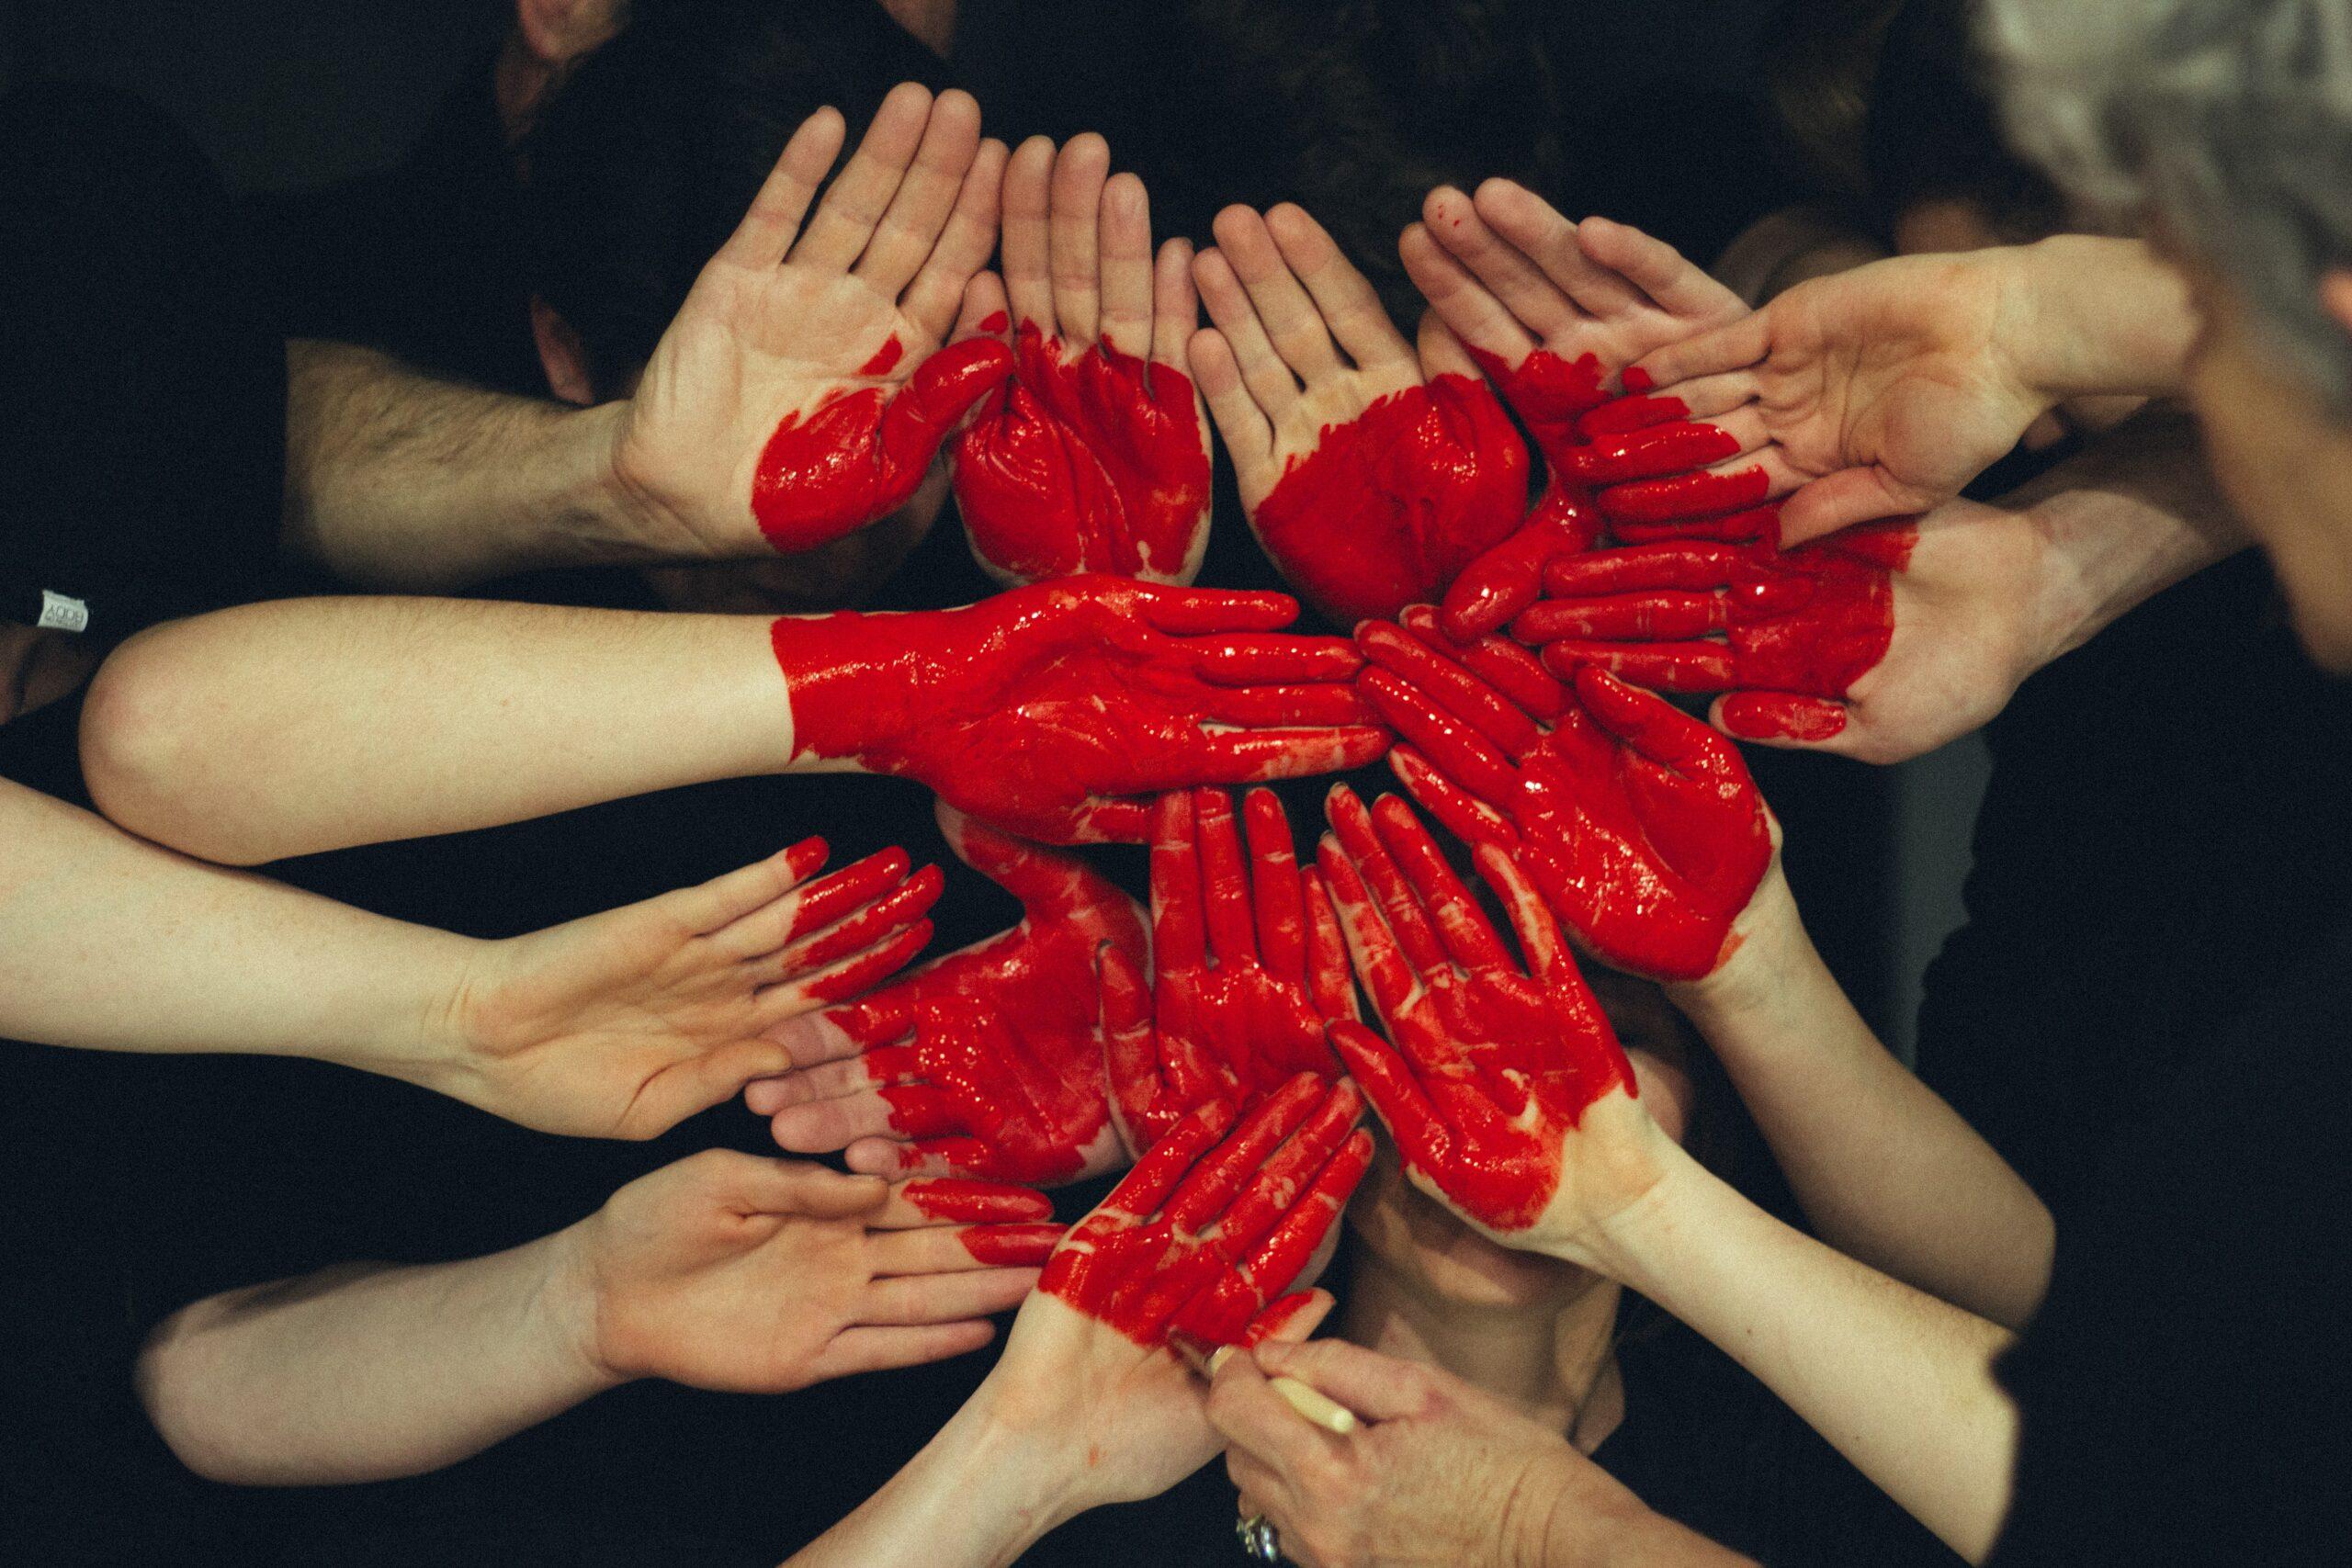 Підтримка зоозахисного руху: як обрати ефективну організацію?